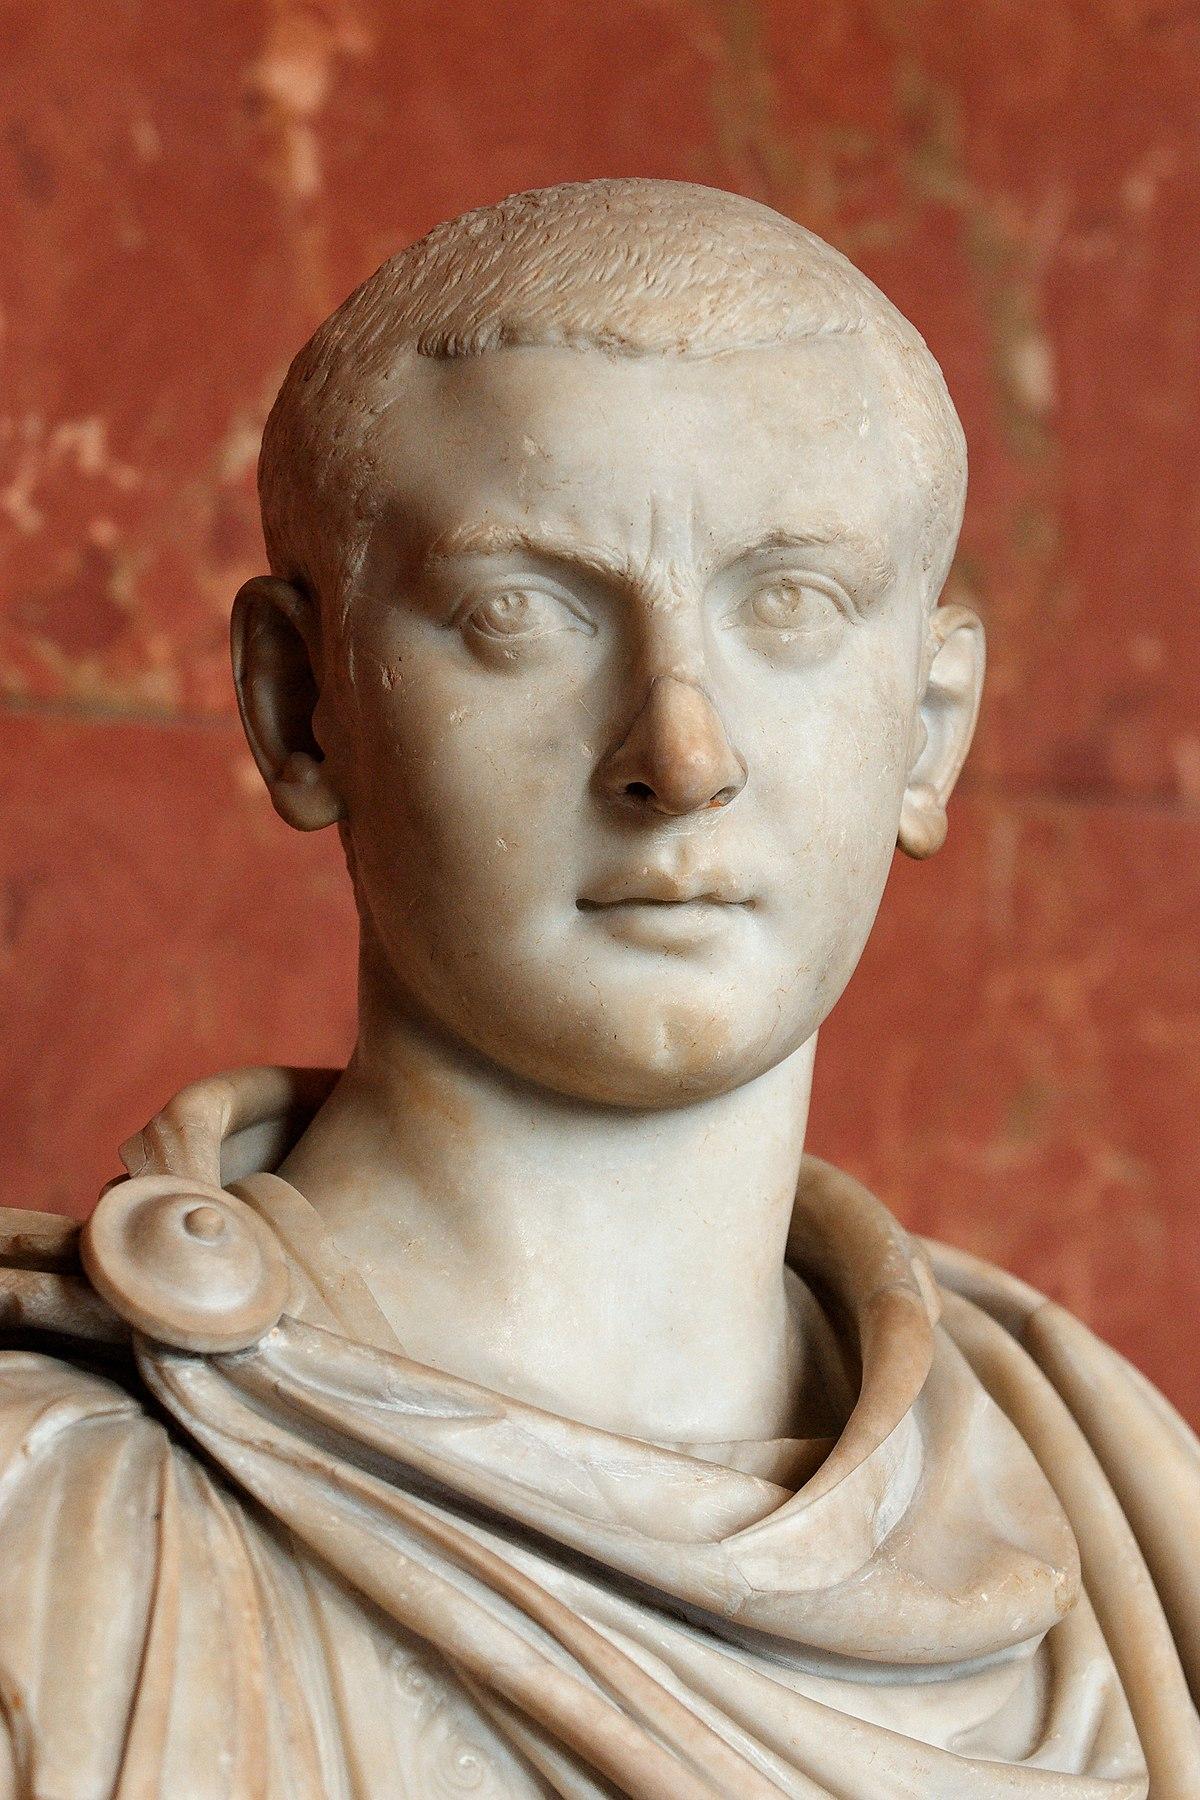 Ritratto romano - Wikipedia